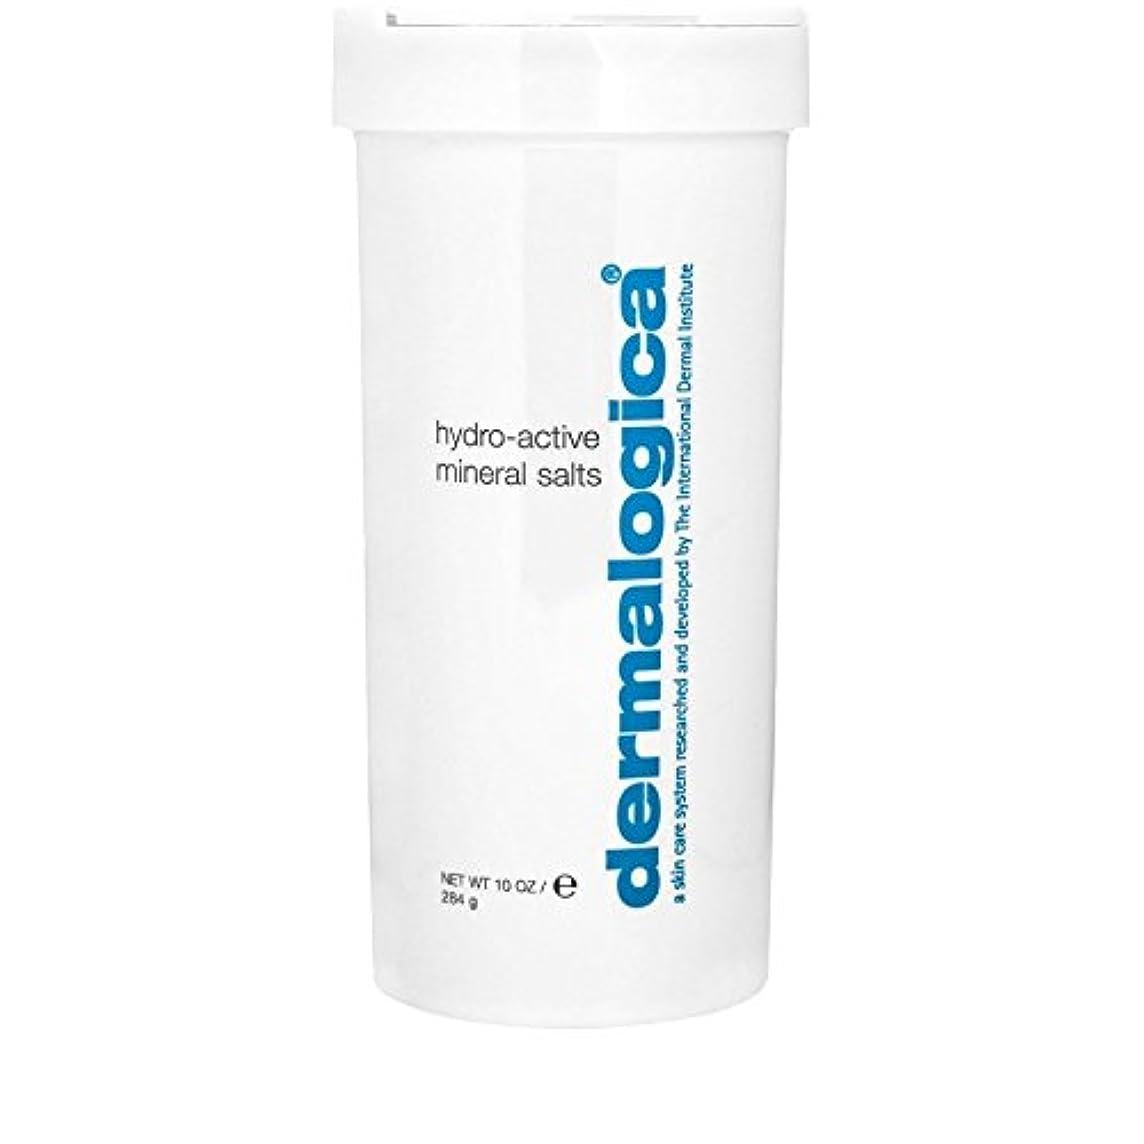 親指修道院区別するダーマロジカ水力アクティブミネラル塩284グラム x2 - Dermalogica Hydro Active Mineral Salt 284g (Pack of 2) [並行輸入品]